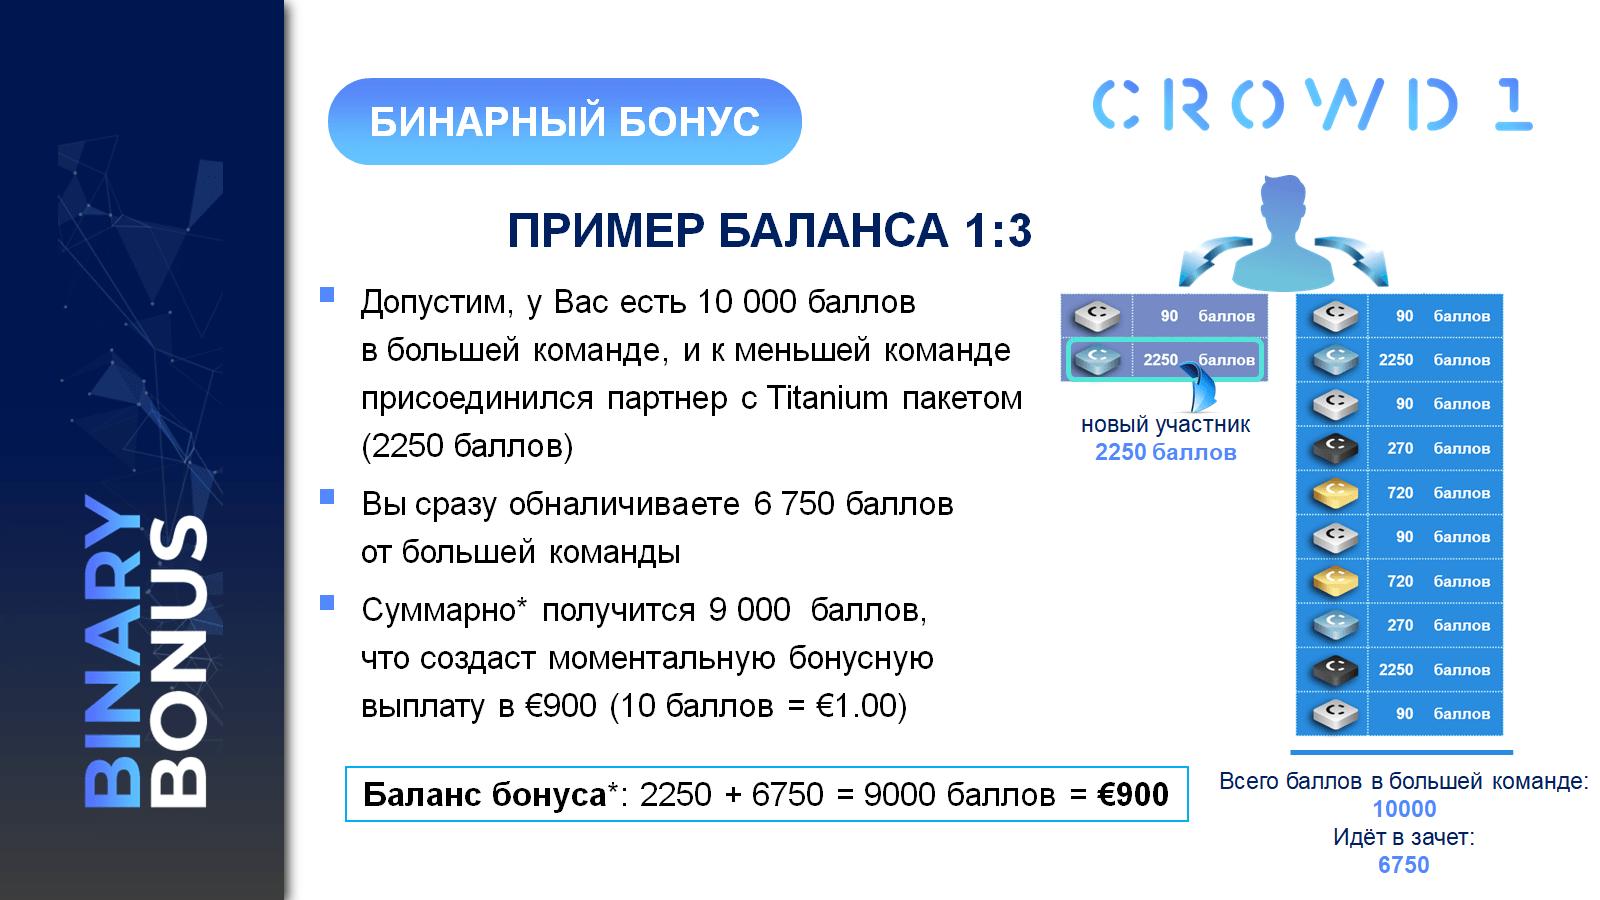 BINARY BONUS, пример баланса 1-3, в проекте CROWD 1